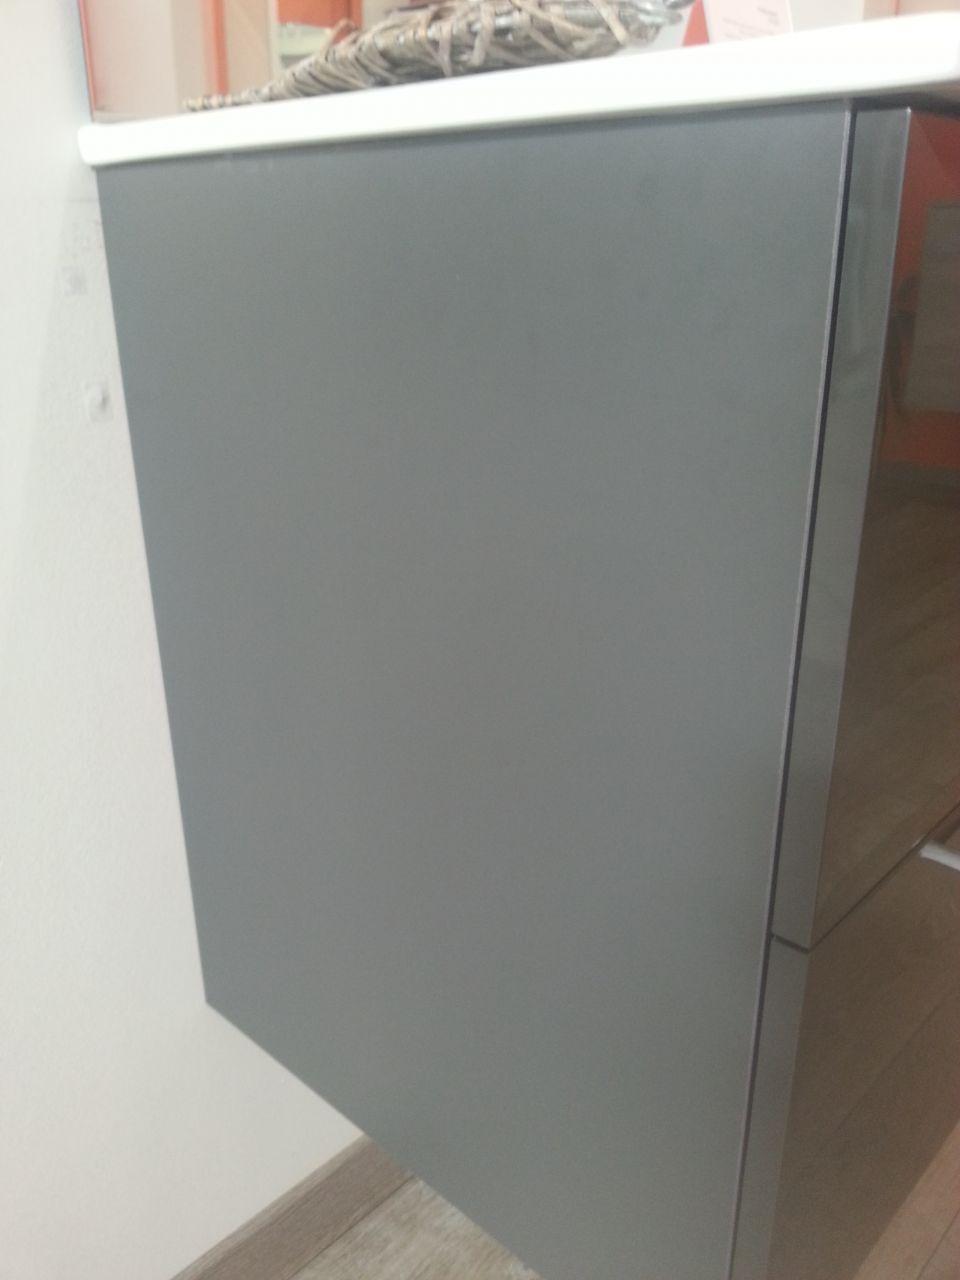 couleur du meuble double vasque : gris anthracite